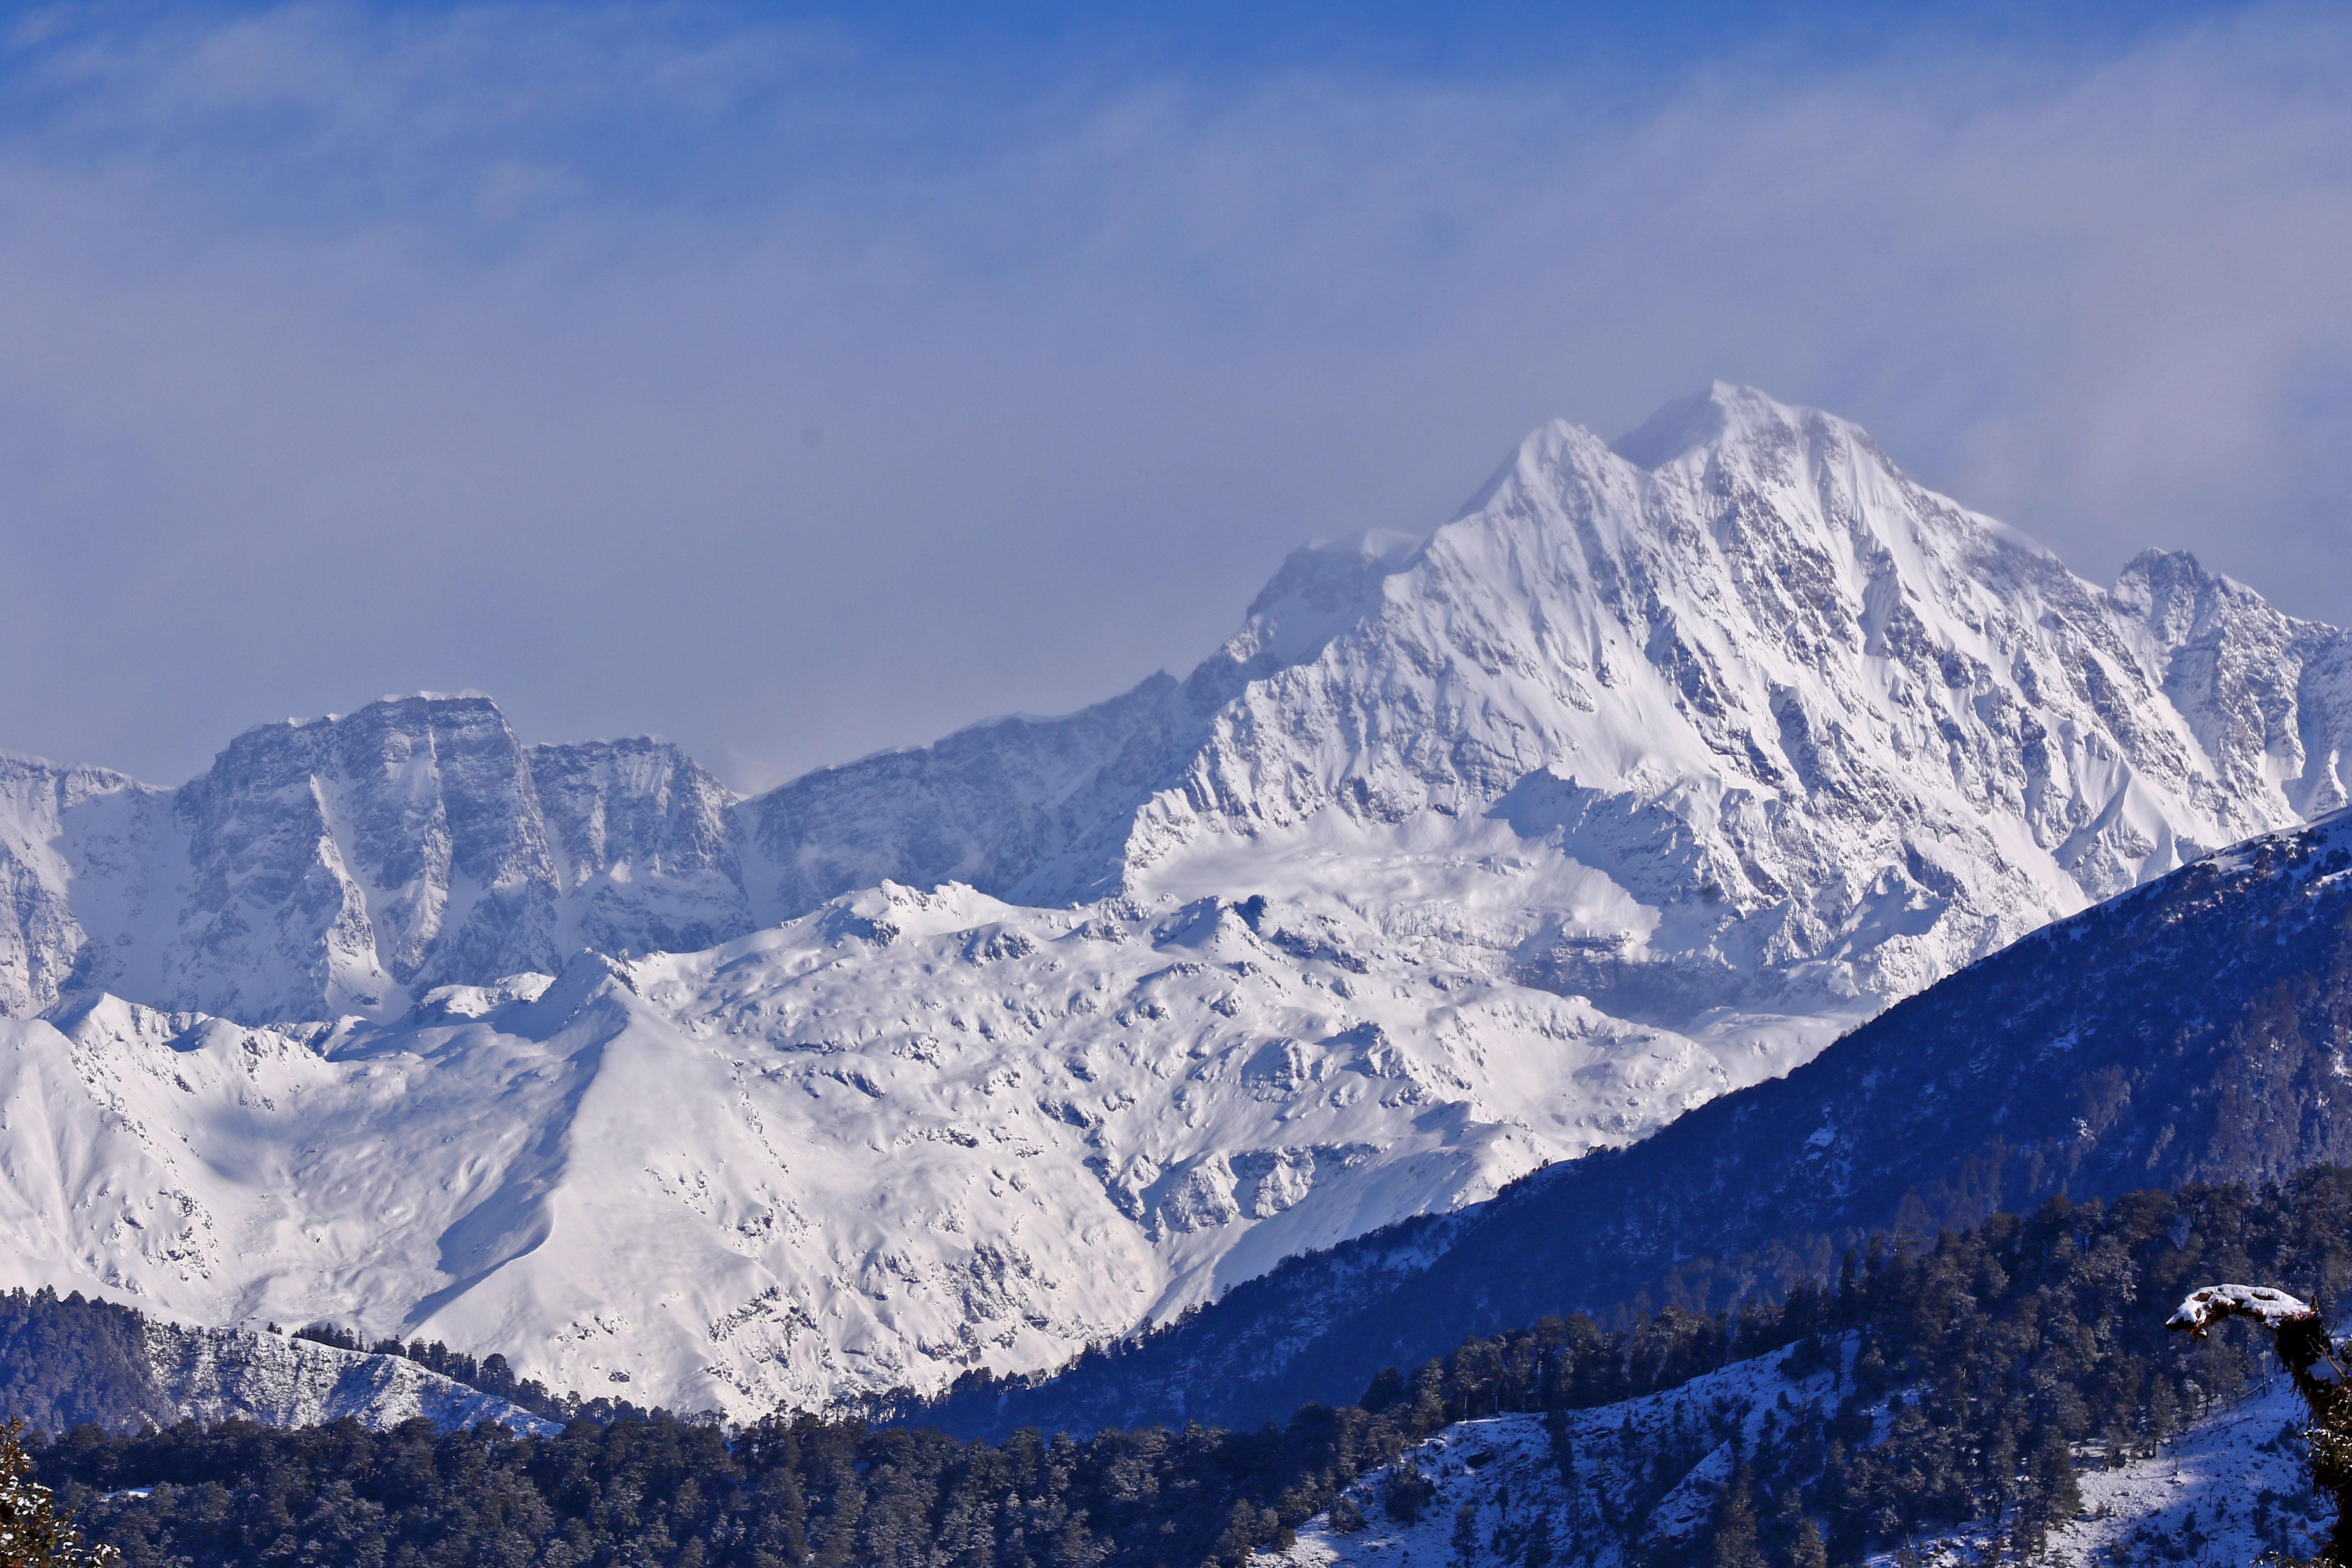 Nyolc hegymászó eltűnt a Himalájában